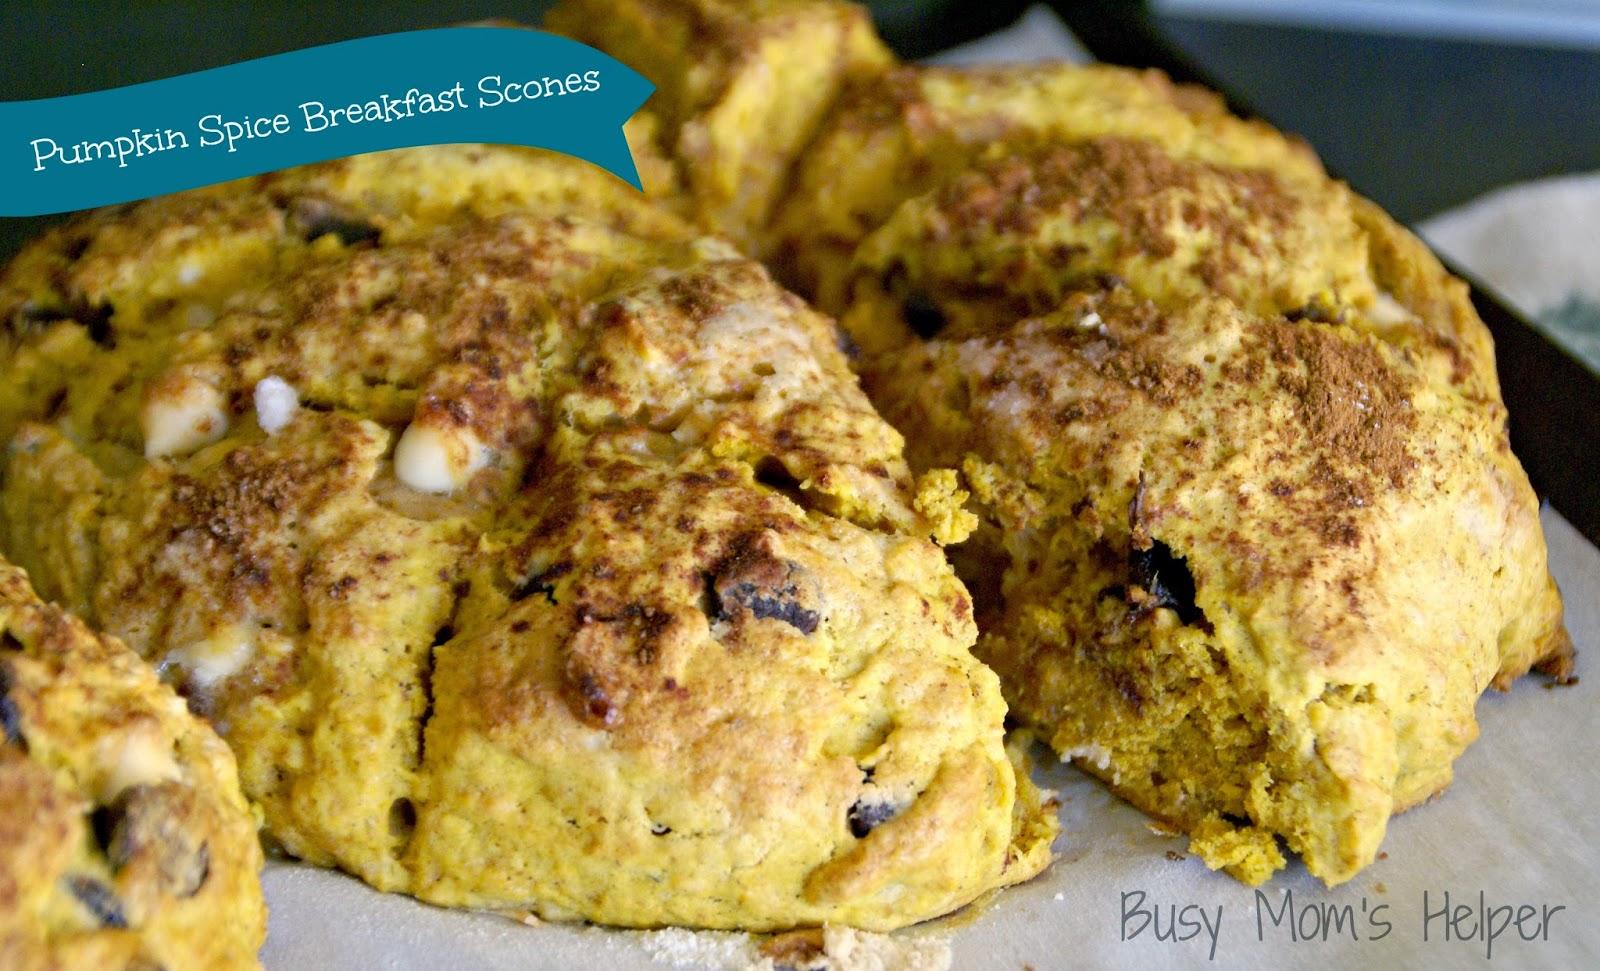 Pumpkin Spice Breakfast Scones - Busy Moms Helper